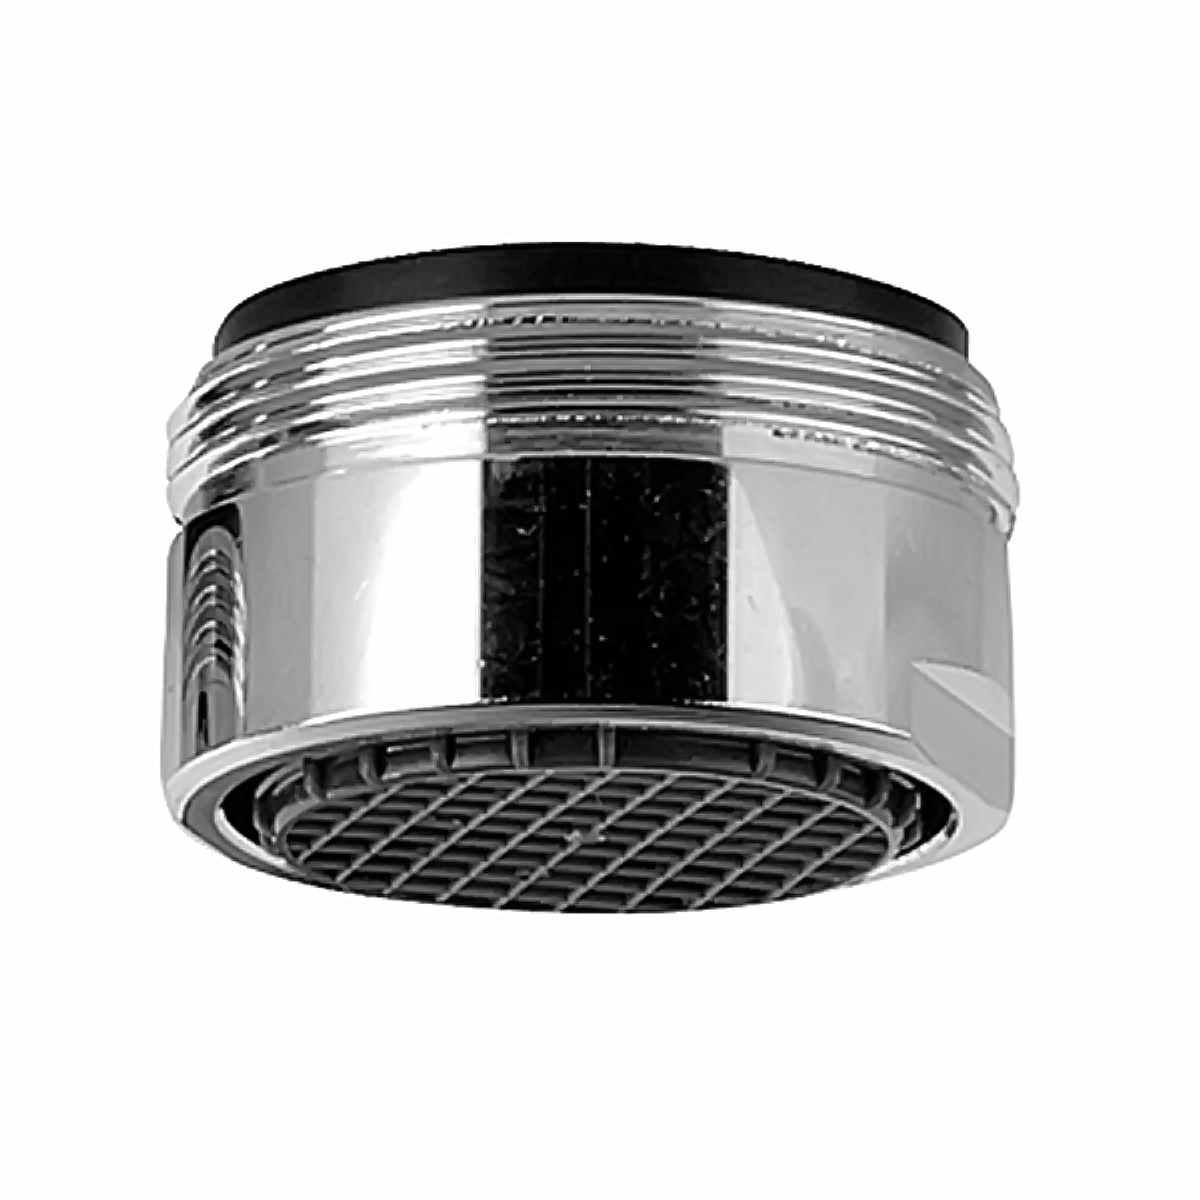 Аэратор для смесителя REMER Premium, М 24ИС.130801Аэратор REMER Premium предназначен для насыщения воздухом водной струи, выходящей из смесителя.Благодаря аэратору вода из под крана выходит ровной и мягкой струей. Это не только придает приятное ощущение для рук и предотвращает разбрызгивание, но и одновременно способствует сокращению потребления воды. Резьба: М 24. Тип резьбы: наружная. Материал корпуса: хромированная латунь. Материал сетки: нержавеющая сталь. Материал внутренней части: сверхпрочный инновационный пластик.